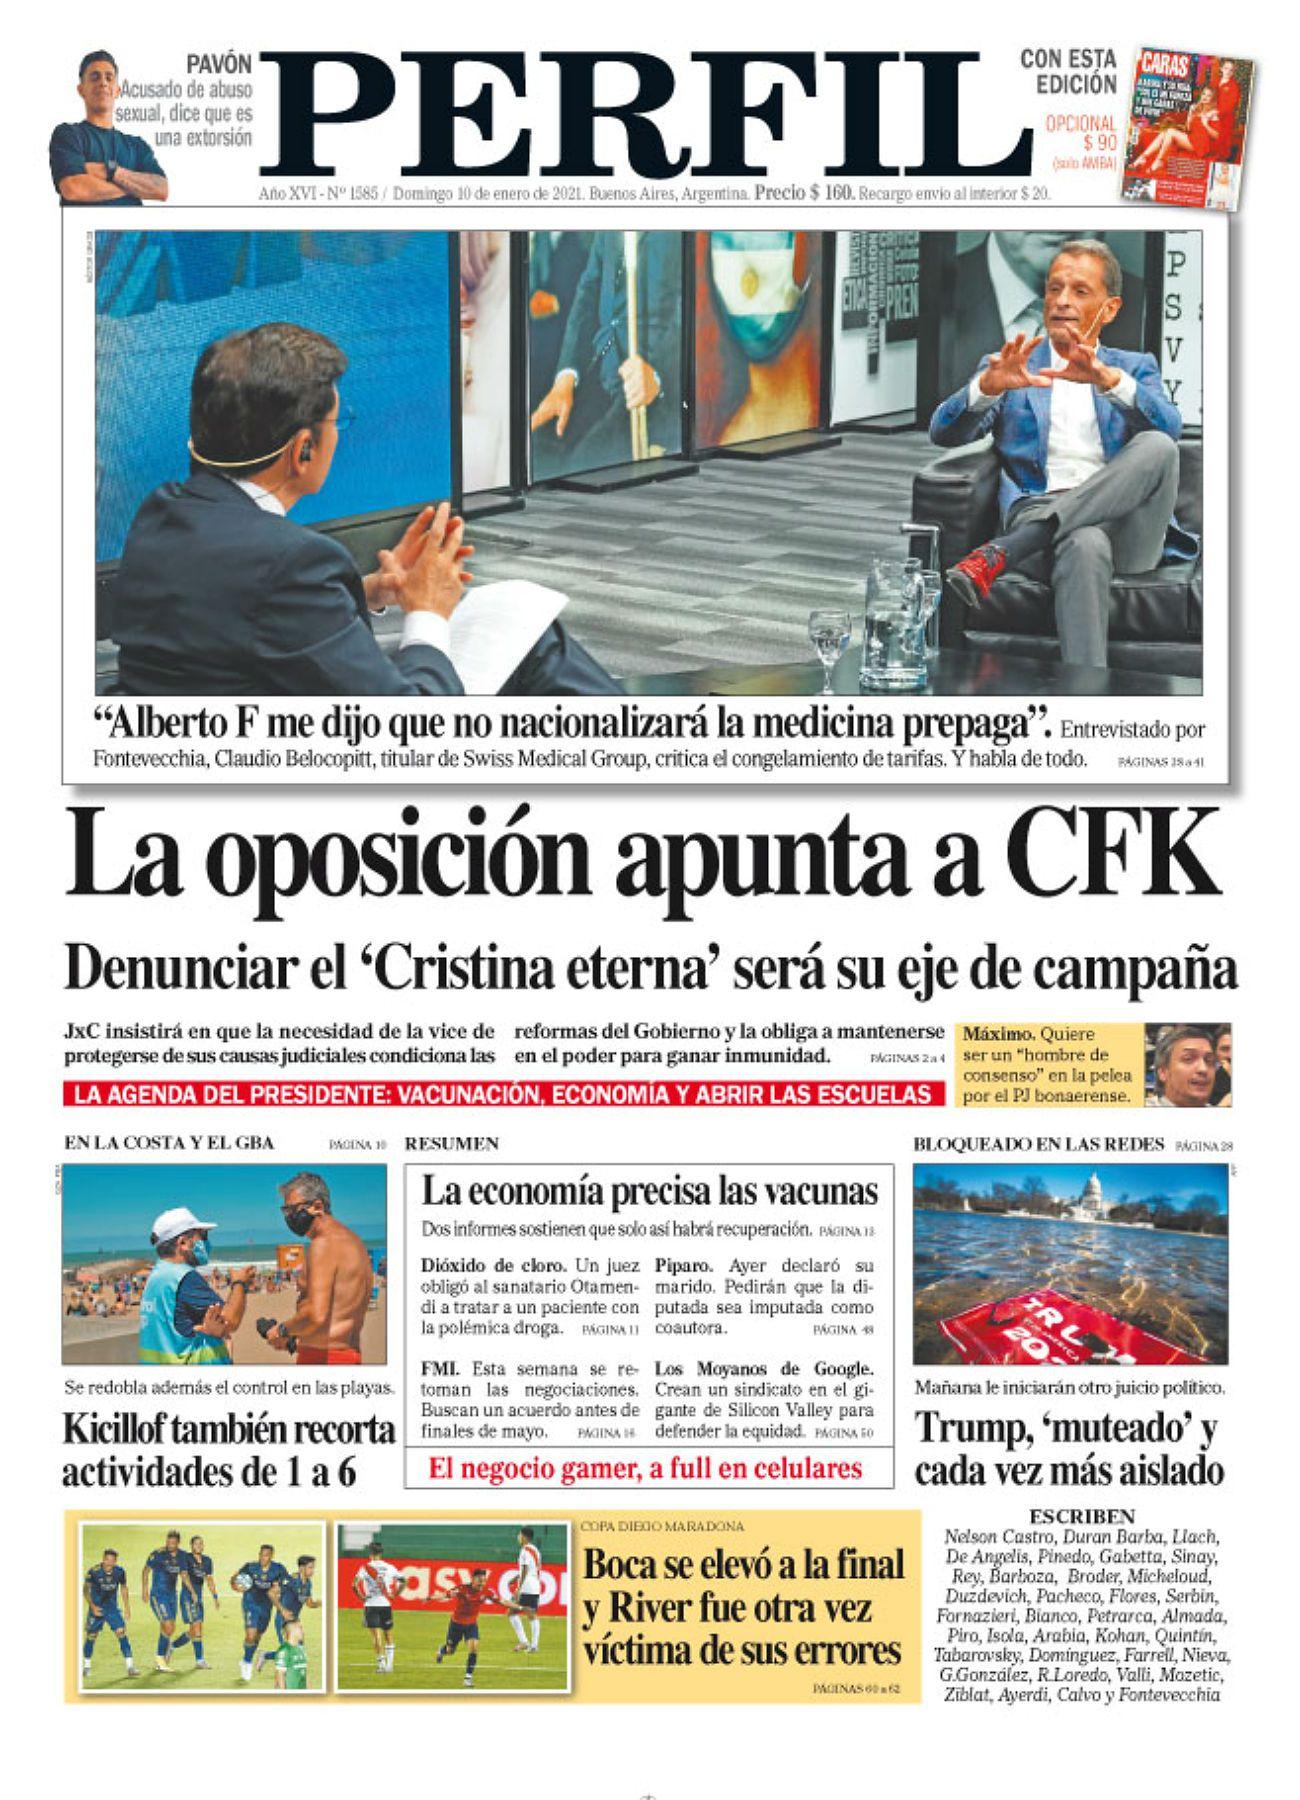 La tapa de Diario PERFIL del domingo 10 de enero de 2021.